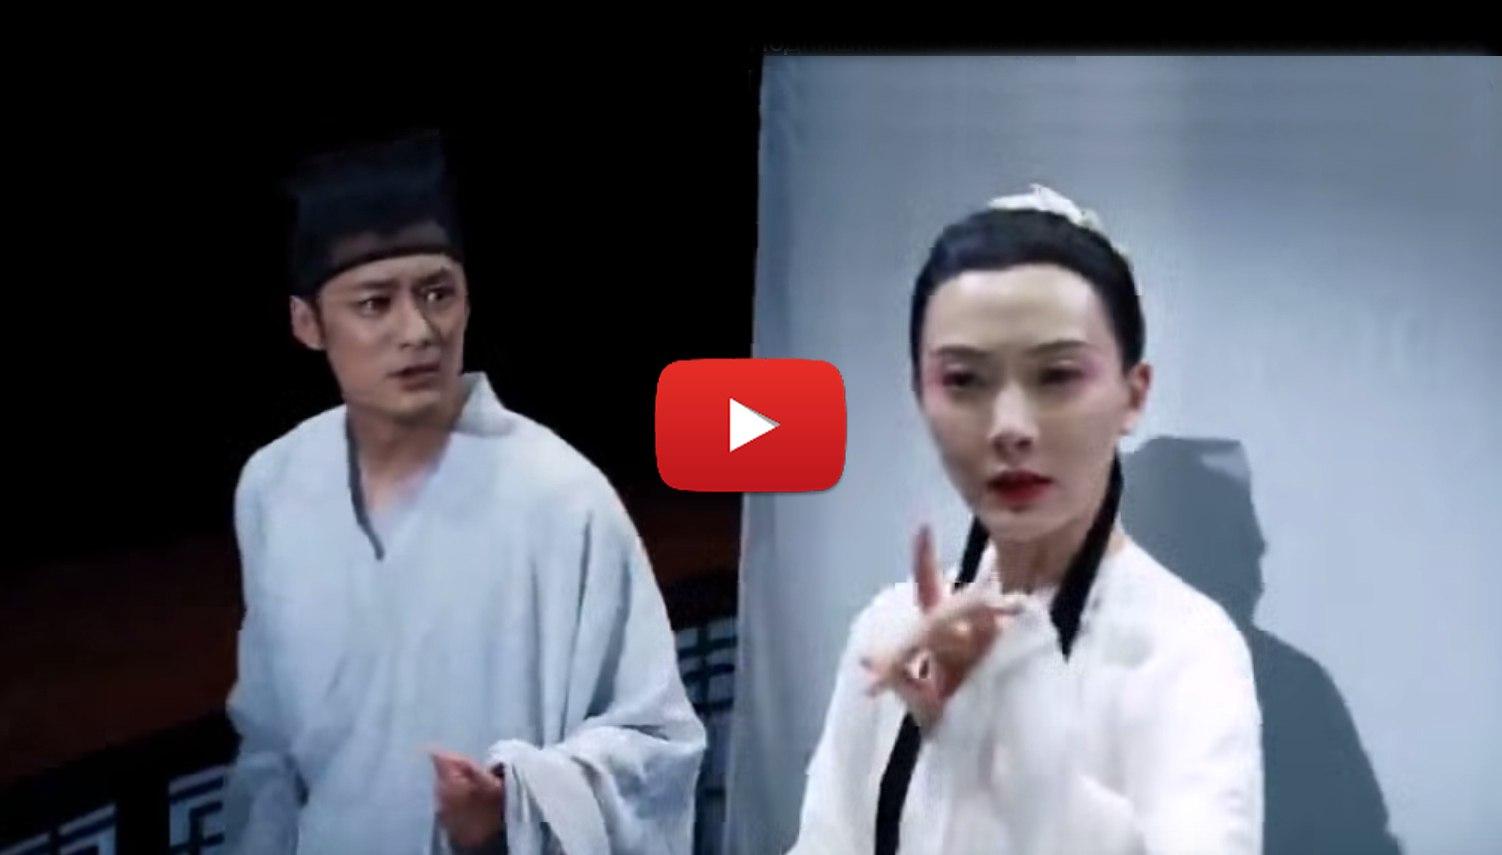 9b eIXUmn4Y - Китайский театр - спектакль с отборным русским матом